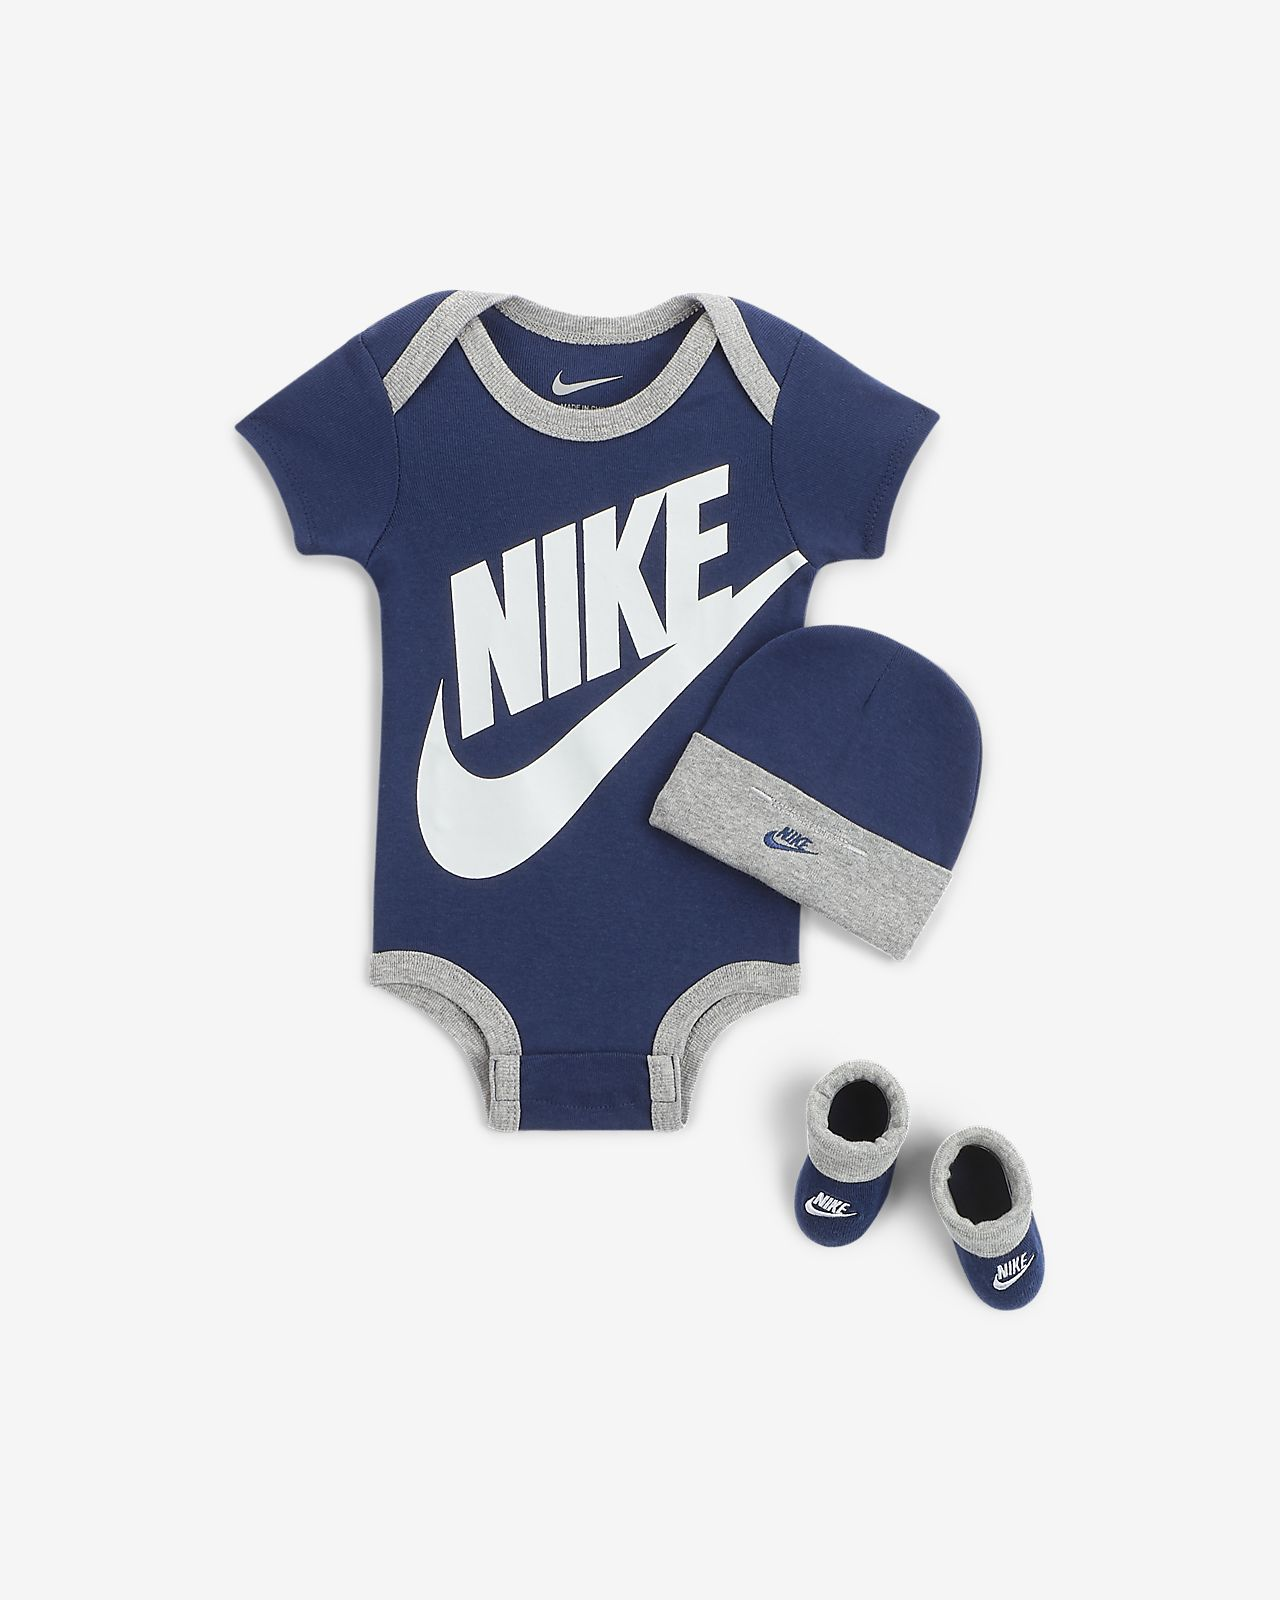 Nike Sportswear Baby Bodysuit, Beanie and Booties Box Set